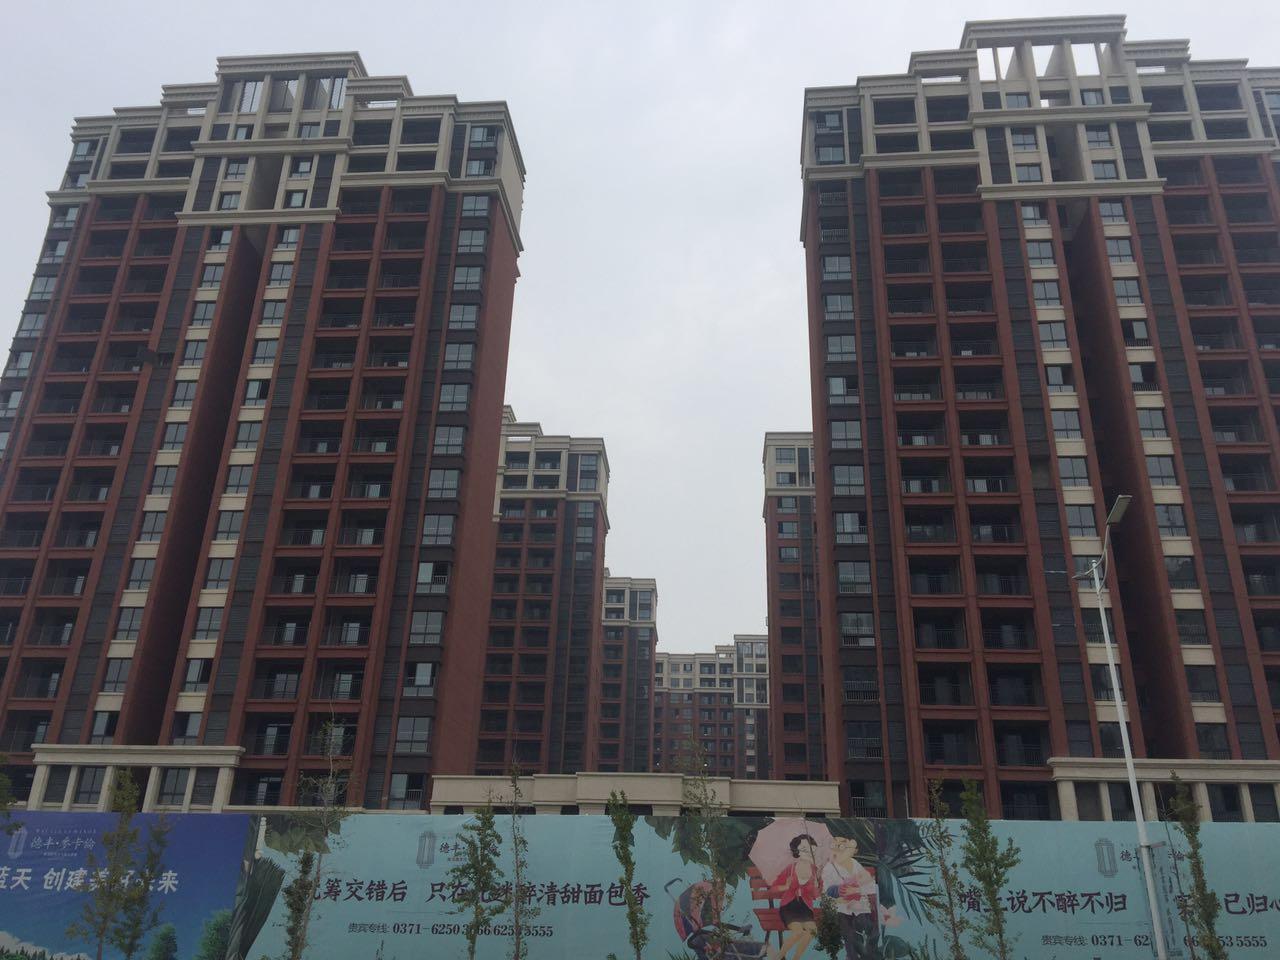 中山市南天涂料签约的郑州德丰·麦卡伦真石漆工程